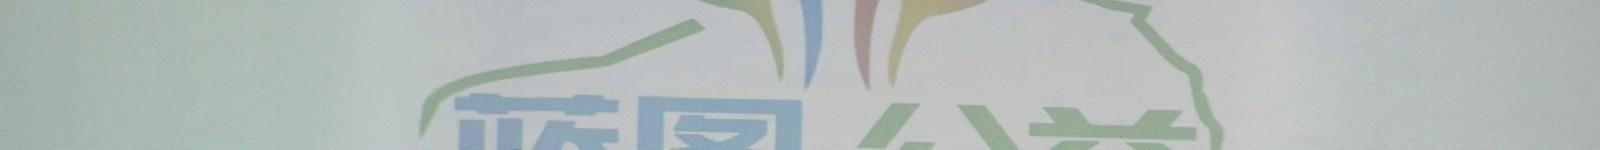 守卫首都蓝天白云 京津冀新能源汽车拉力赛暨蓝图公益行启动在即